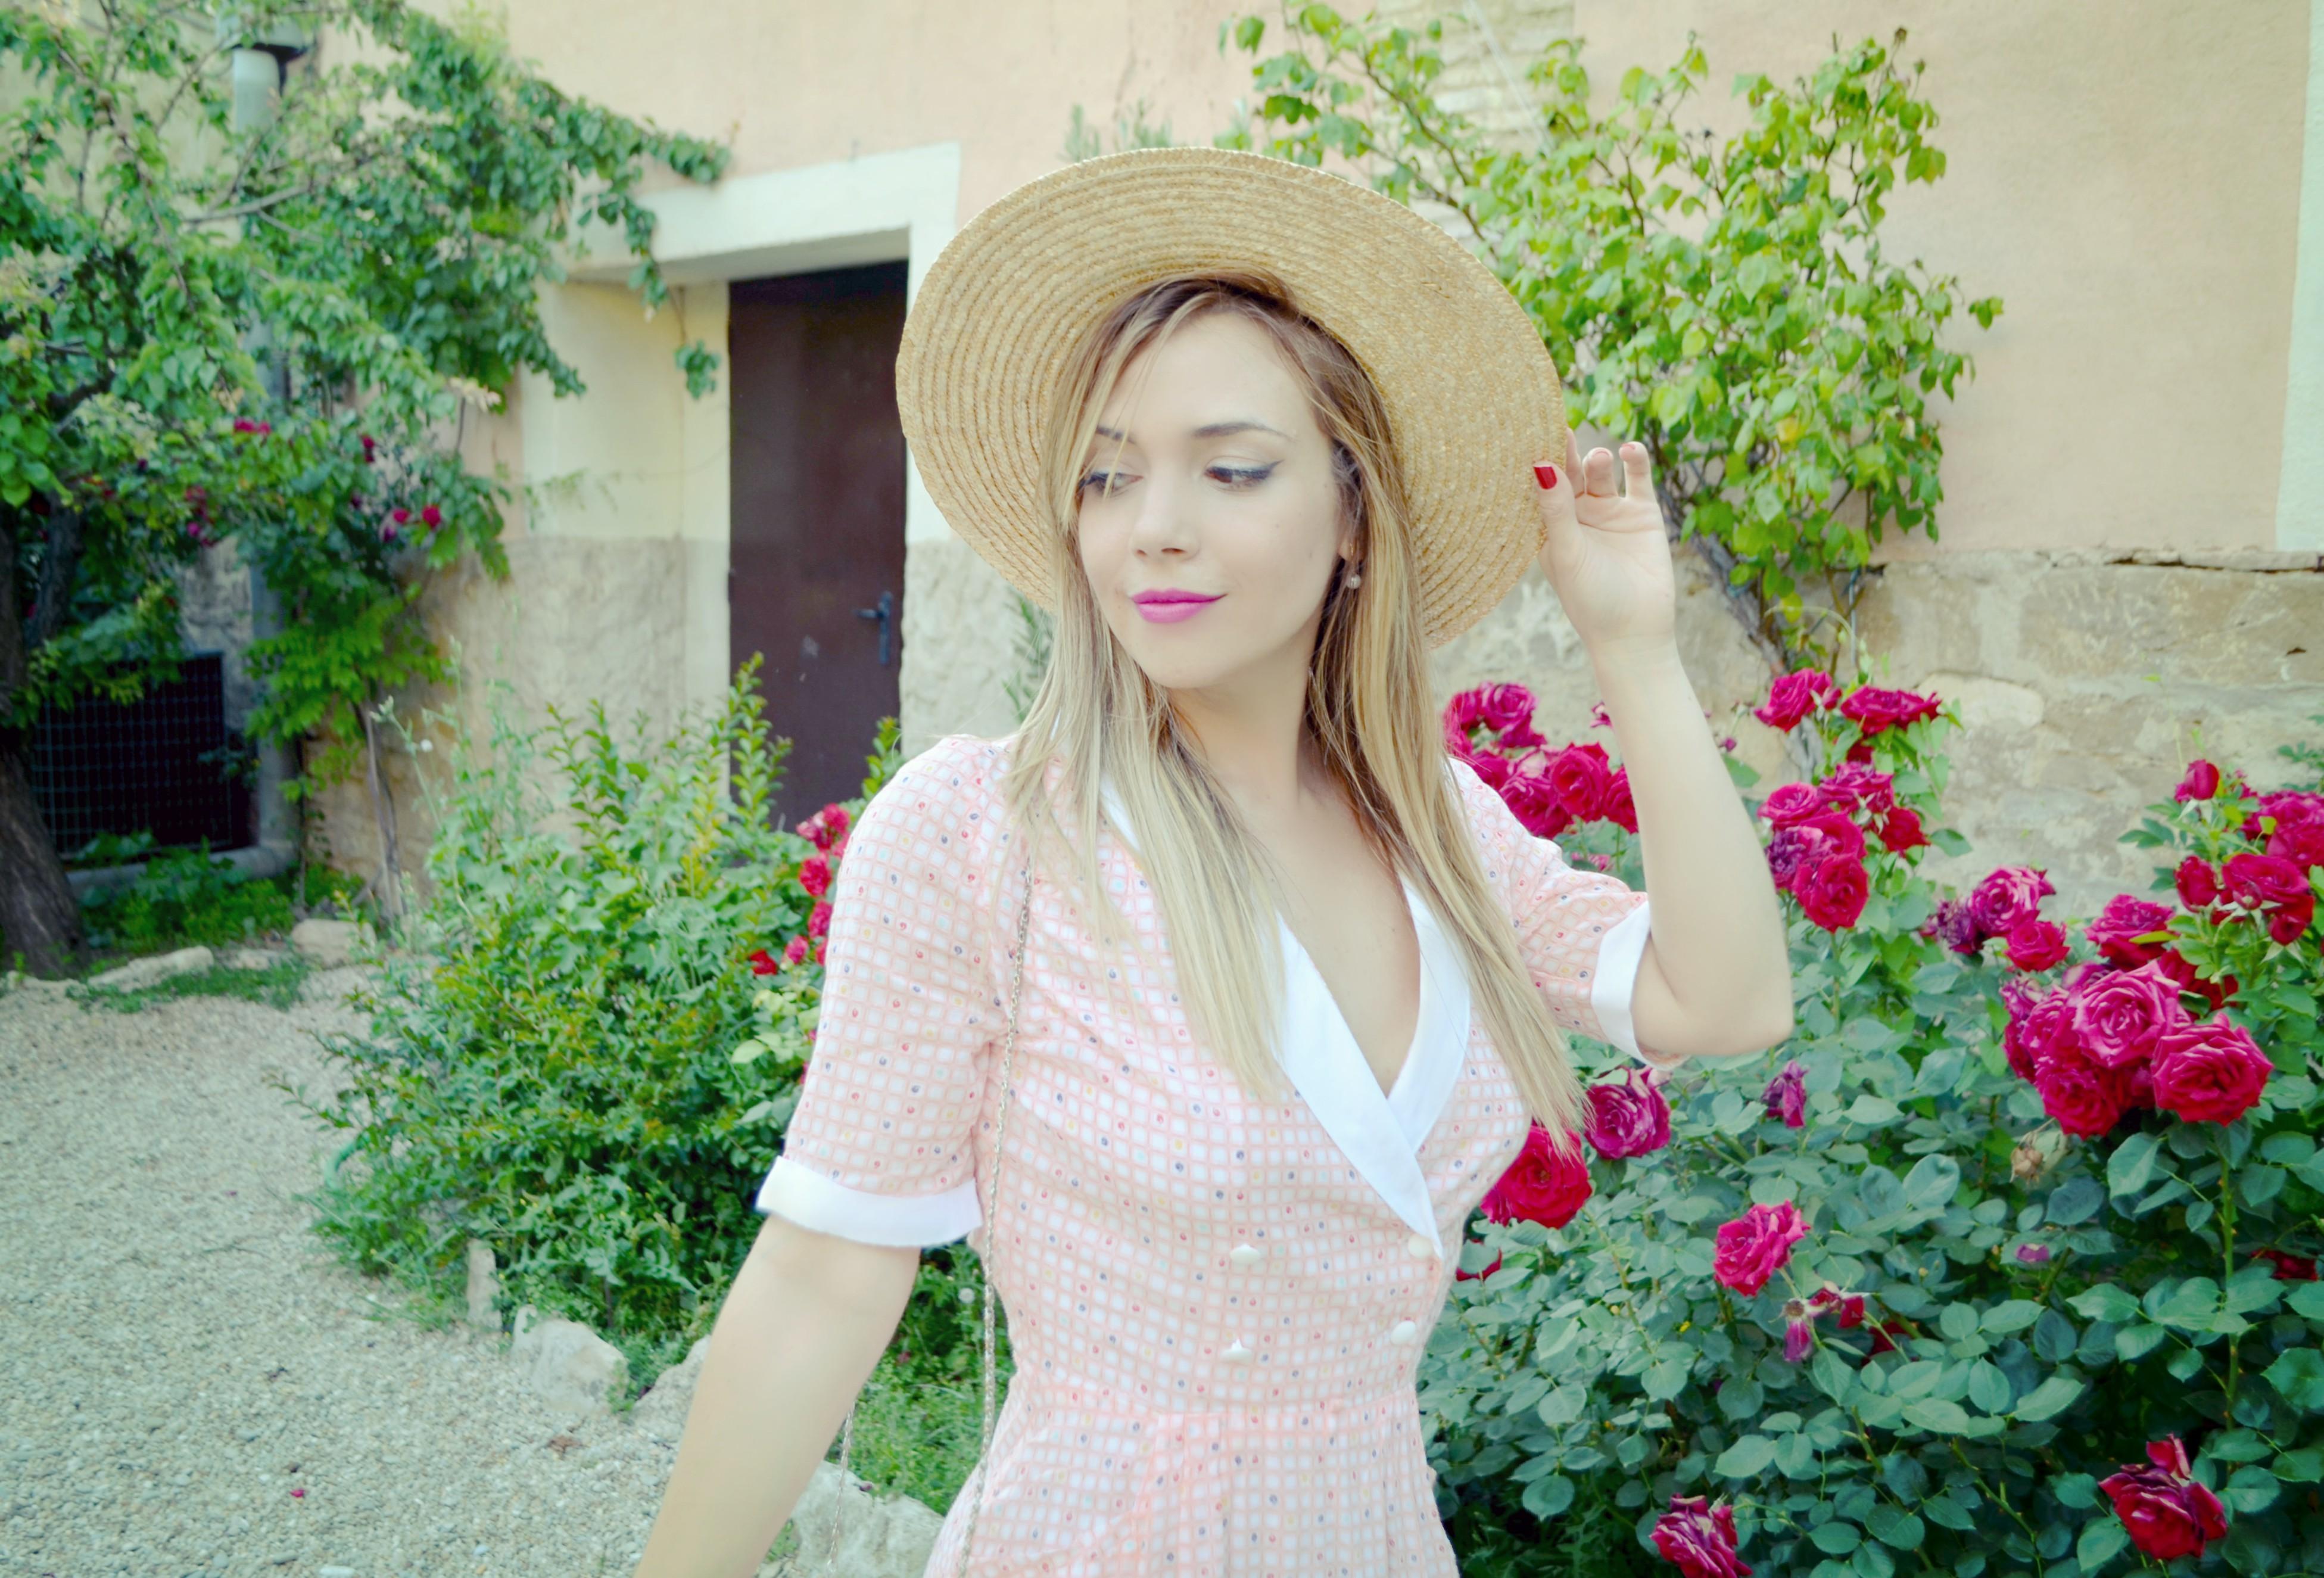 Viaje-influencers-Florette-ChicAdicta-blog-de-moda-Chic-Adicta-vestidos-de-flores-canotier-look-pink-dress-PiensaenChic-Piensa-en-Chic